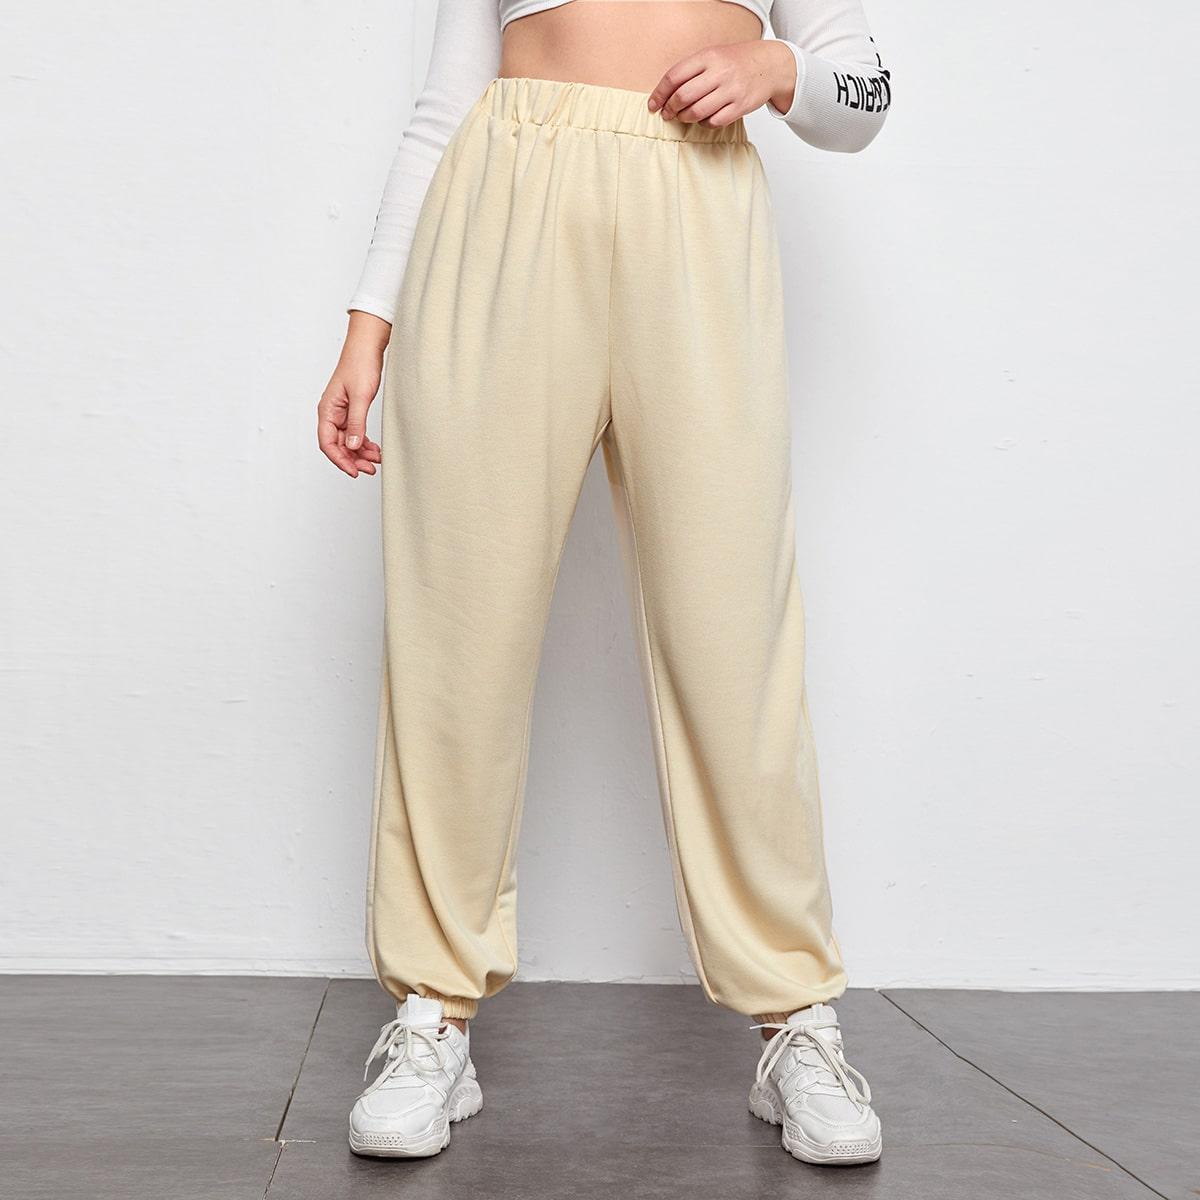 Спортивные брюки размера плюс с эластичной талией